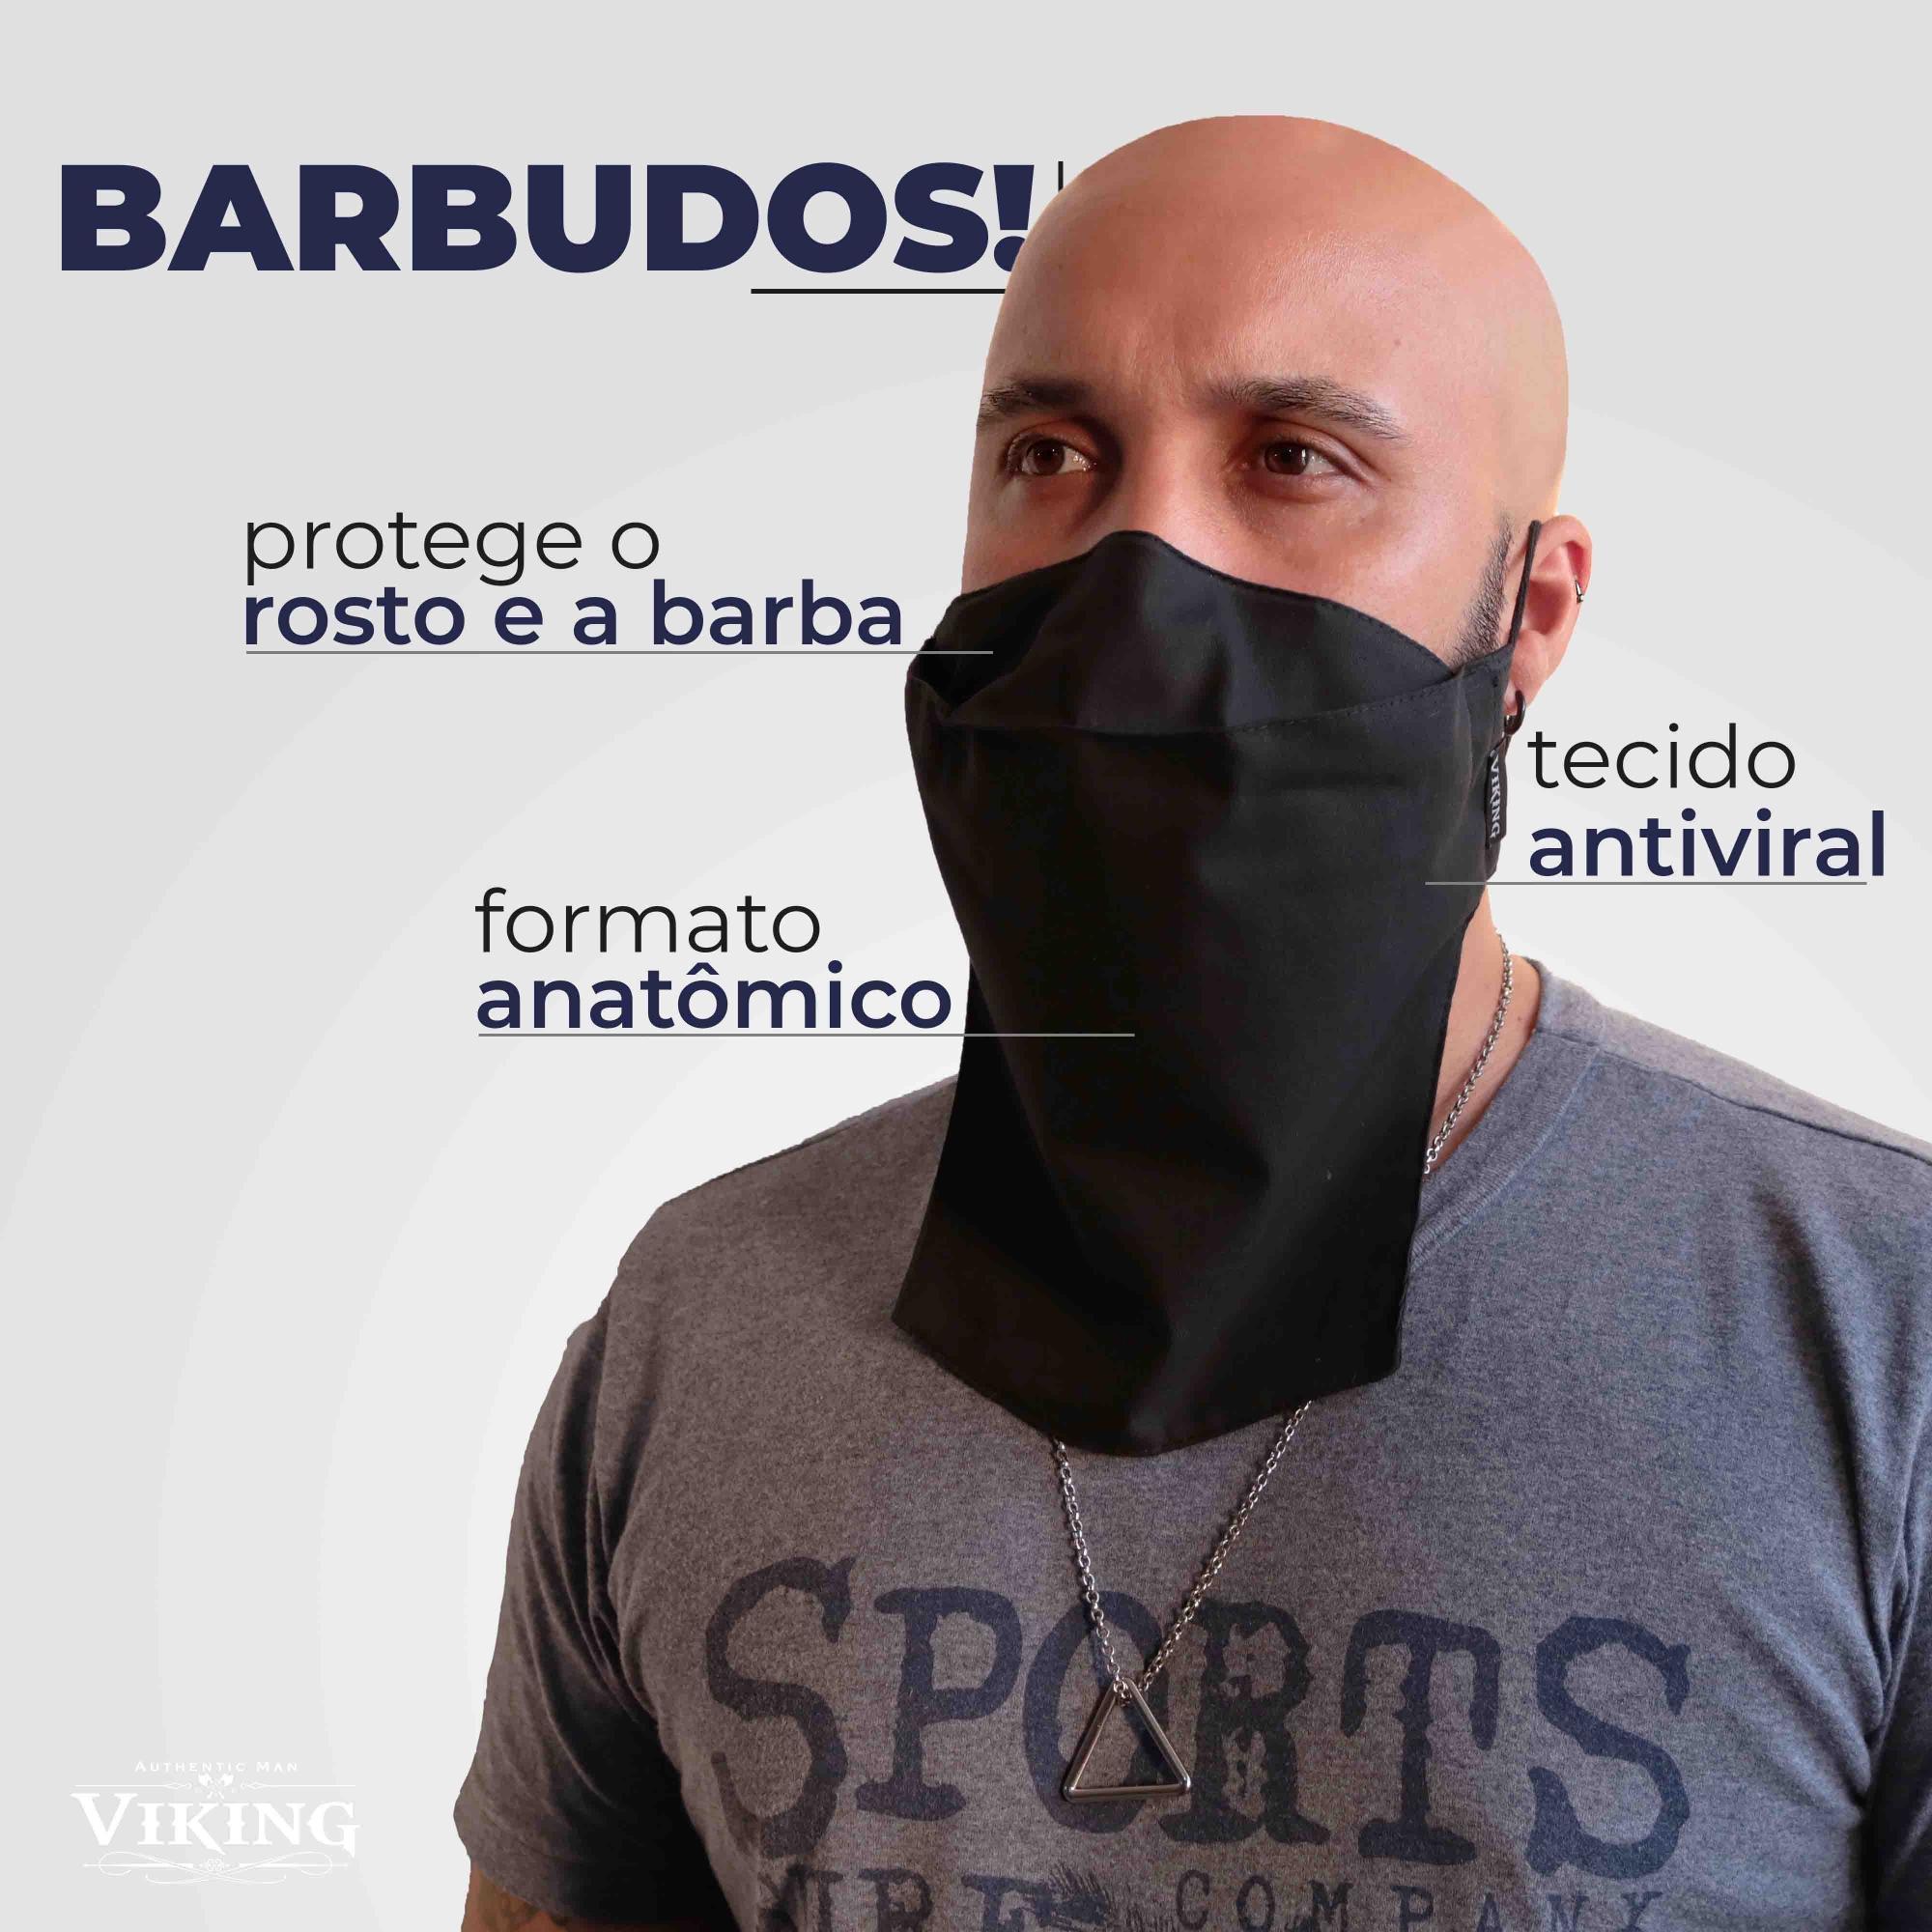 Máscara Reutilizável para Barbudos - Antiviral - Viking   - Viking